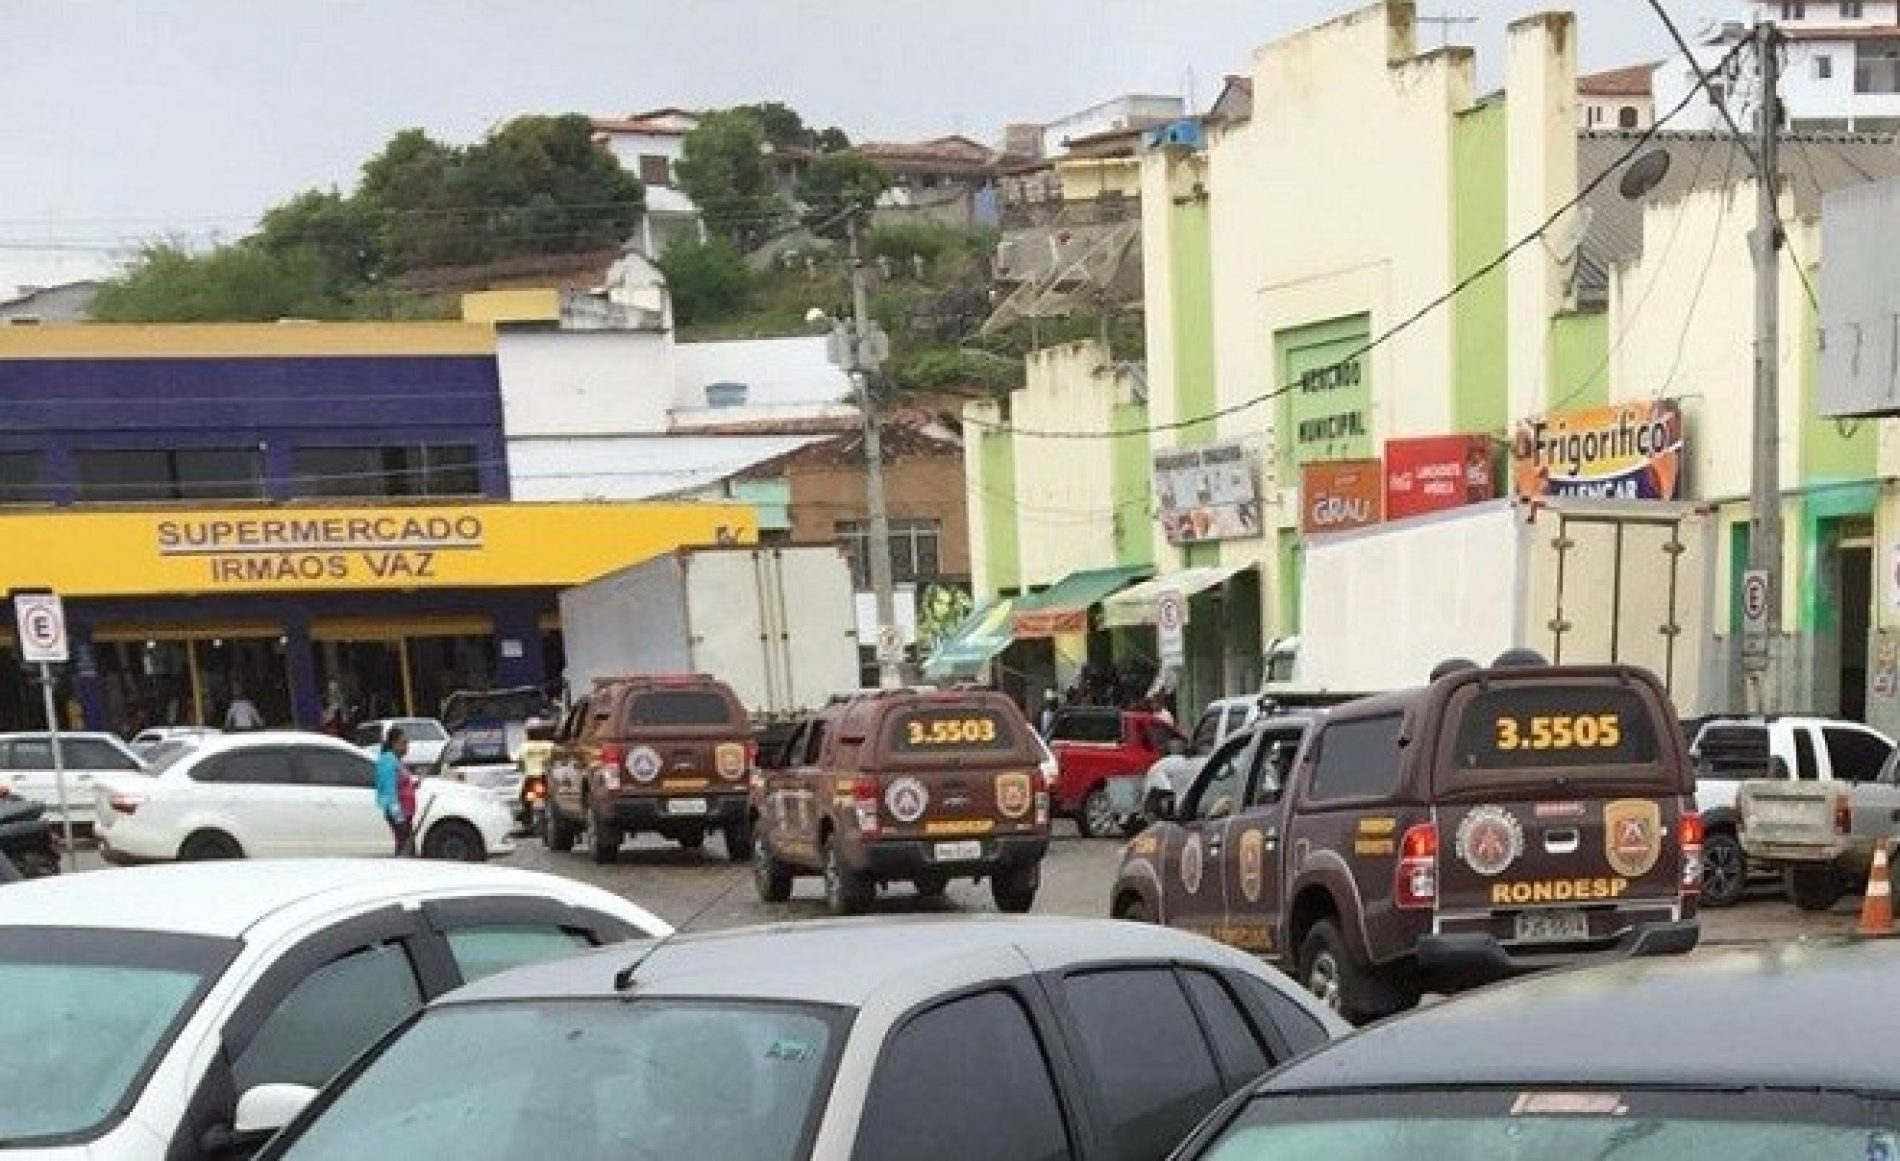 Após fuga de presos na região, viaturas da Rondesp fazem rondas em Jaguaquara